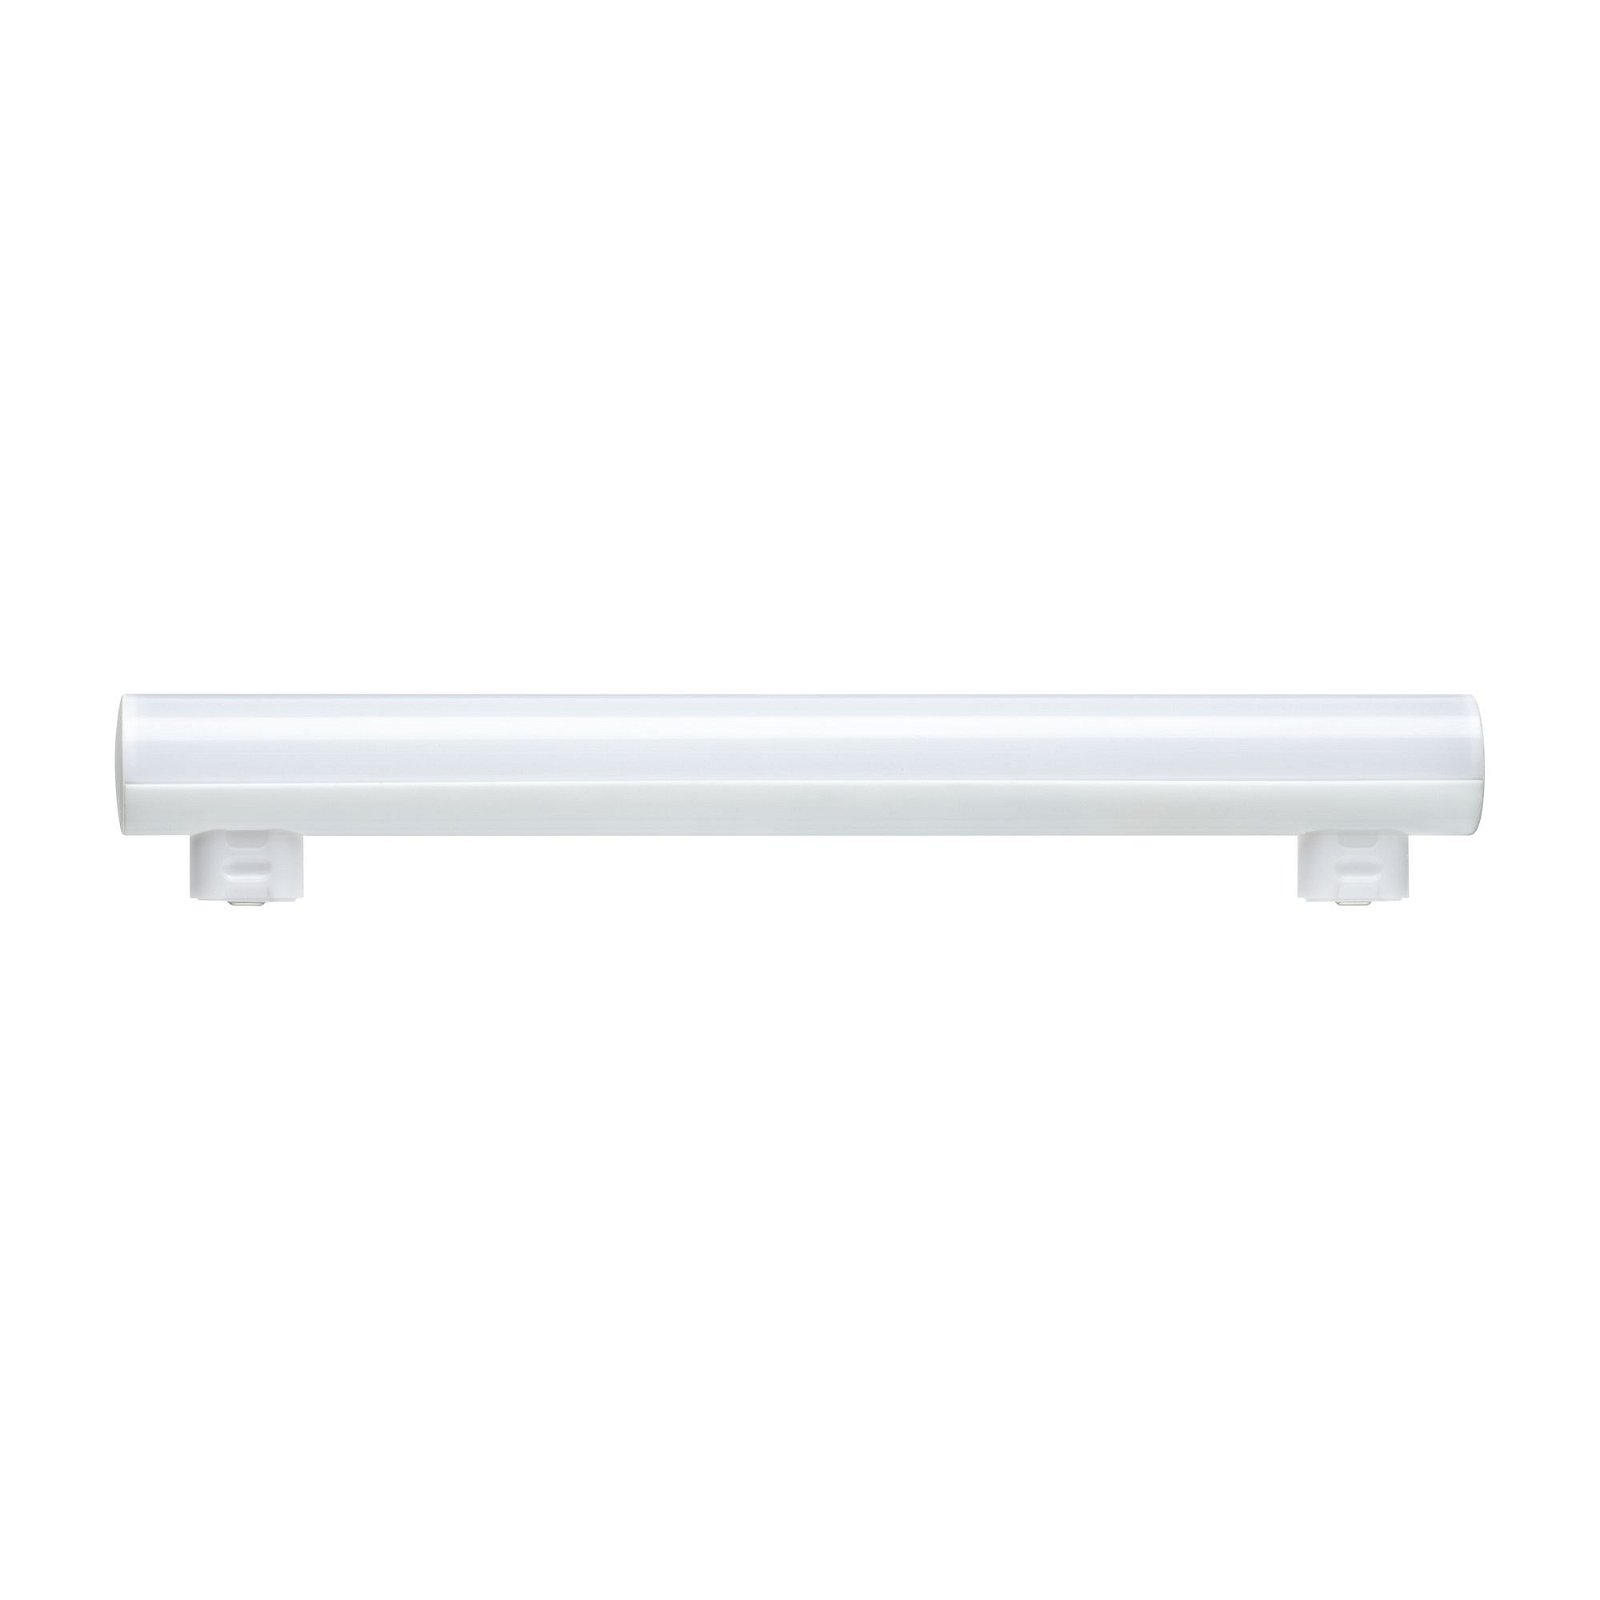 Ampoule linolite LED 8 W S14s 300mm Blanc chaud